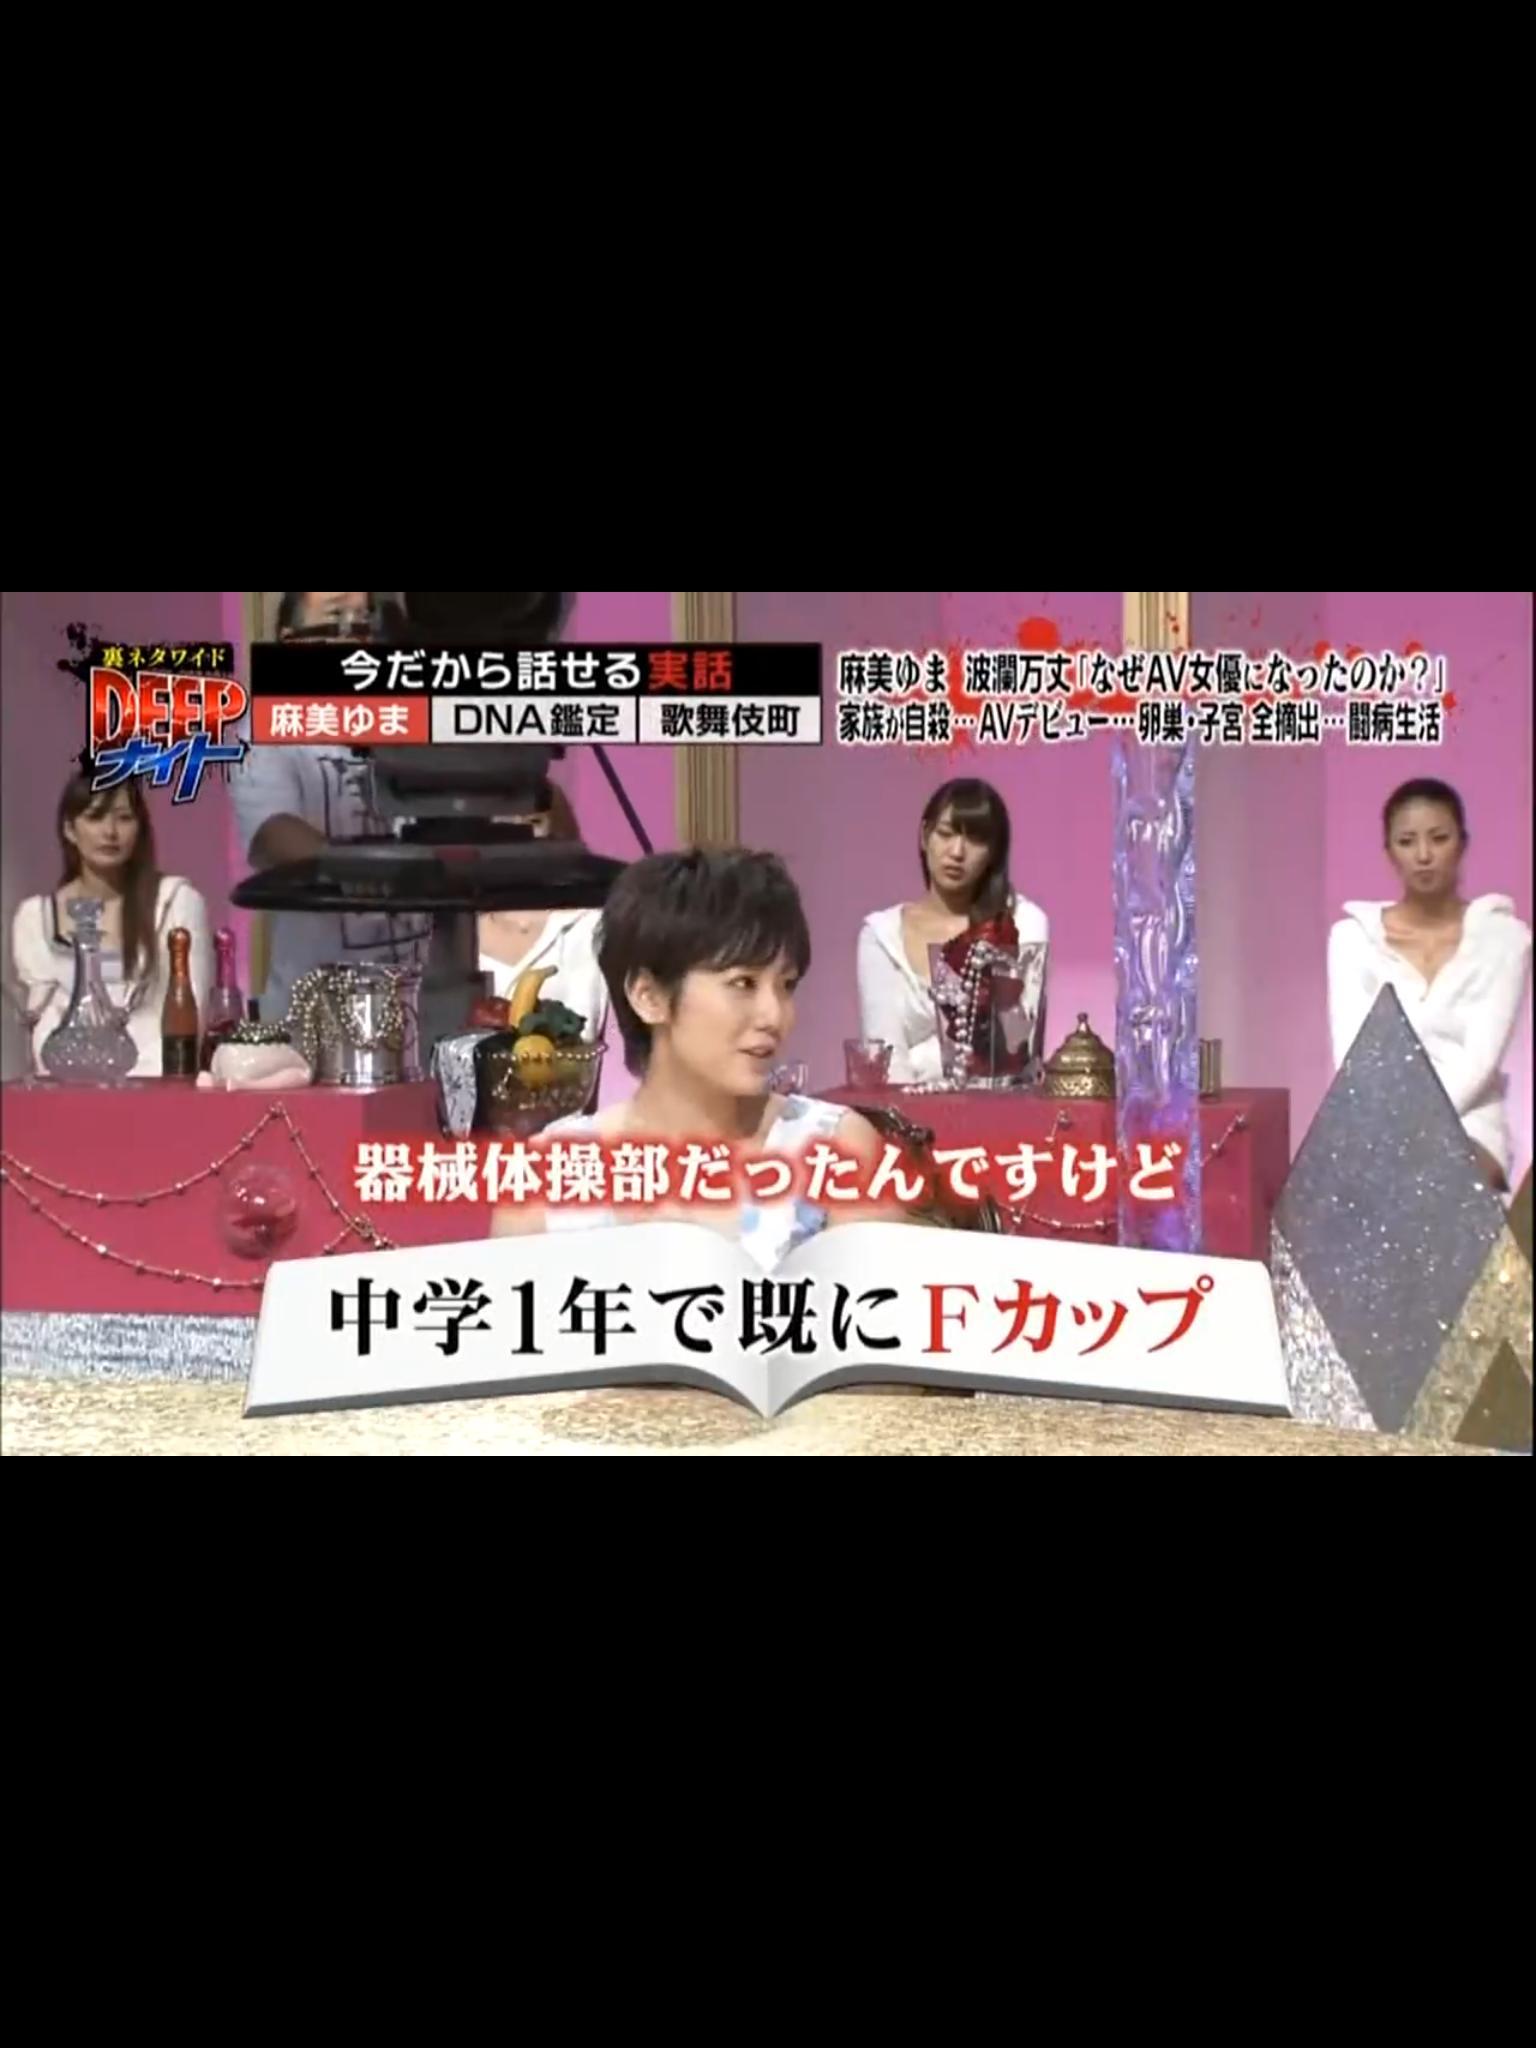 【画像】麻美ゆま「中学一年生の頃からFカップでした。」